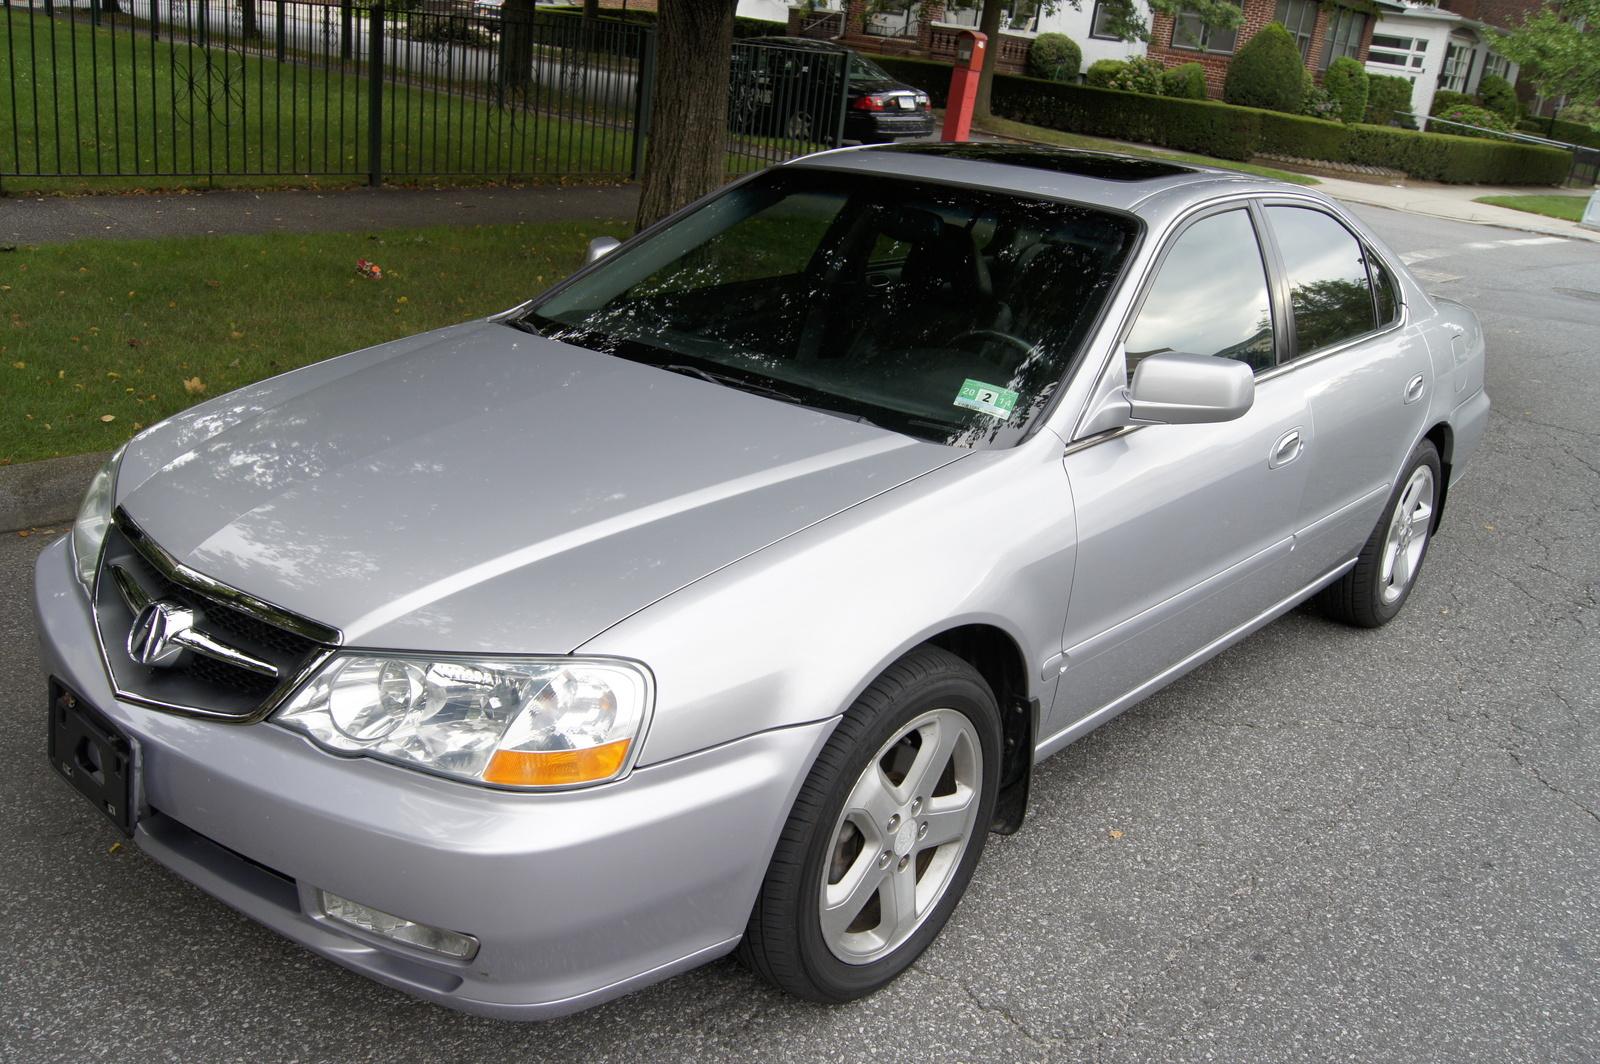 2002 Acura TL - Pictures - CarGurus